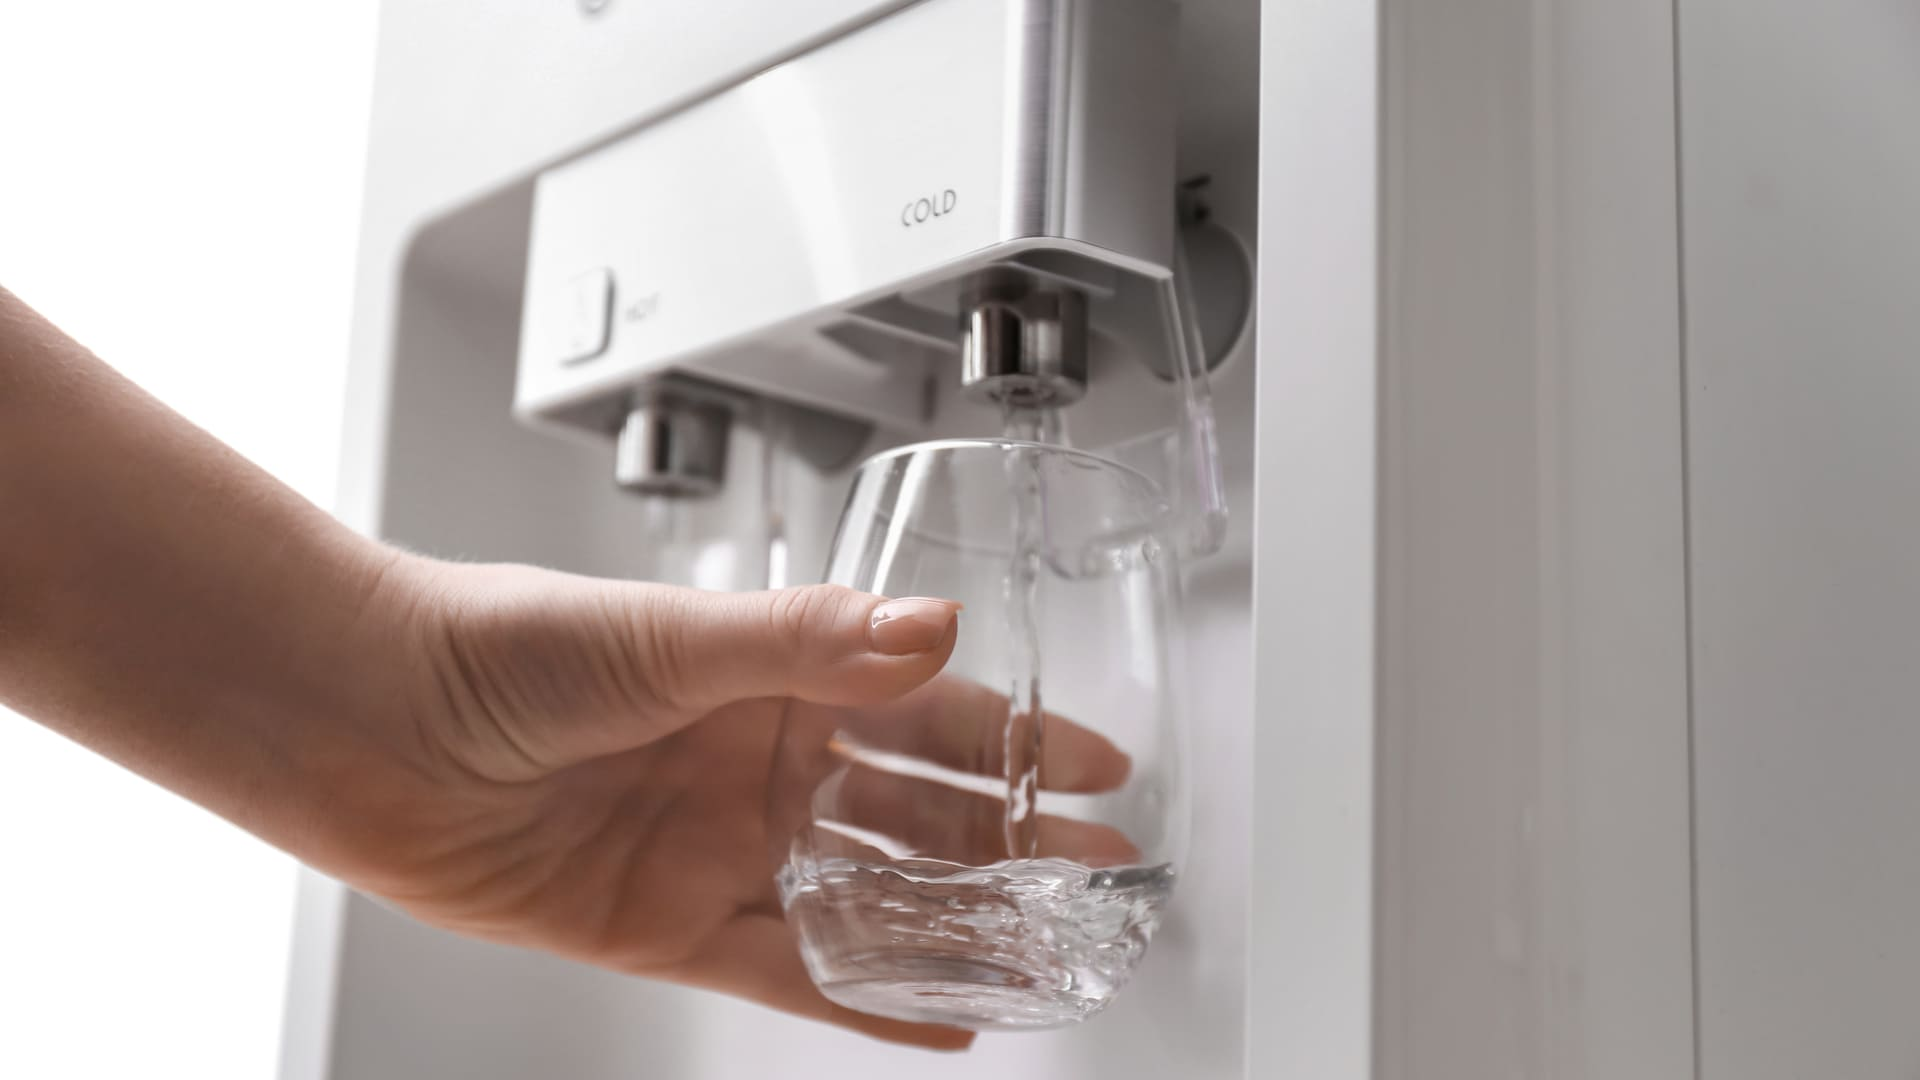 Confira a lista e encontre o melhor purificador de água de 2021 (Imagem: Reprodução/Shutterstock)